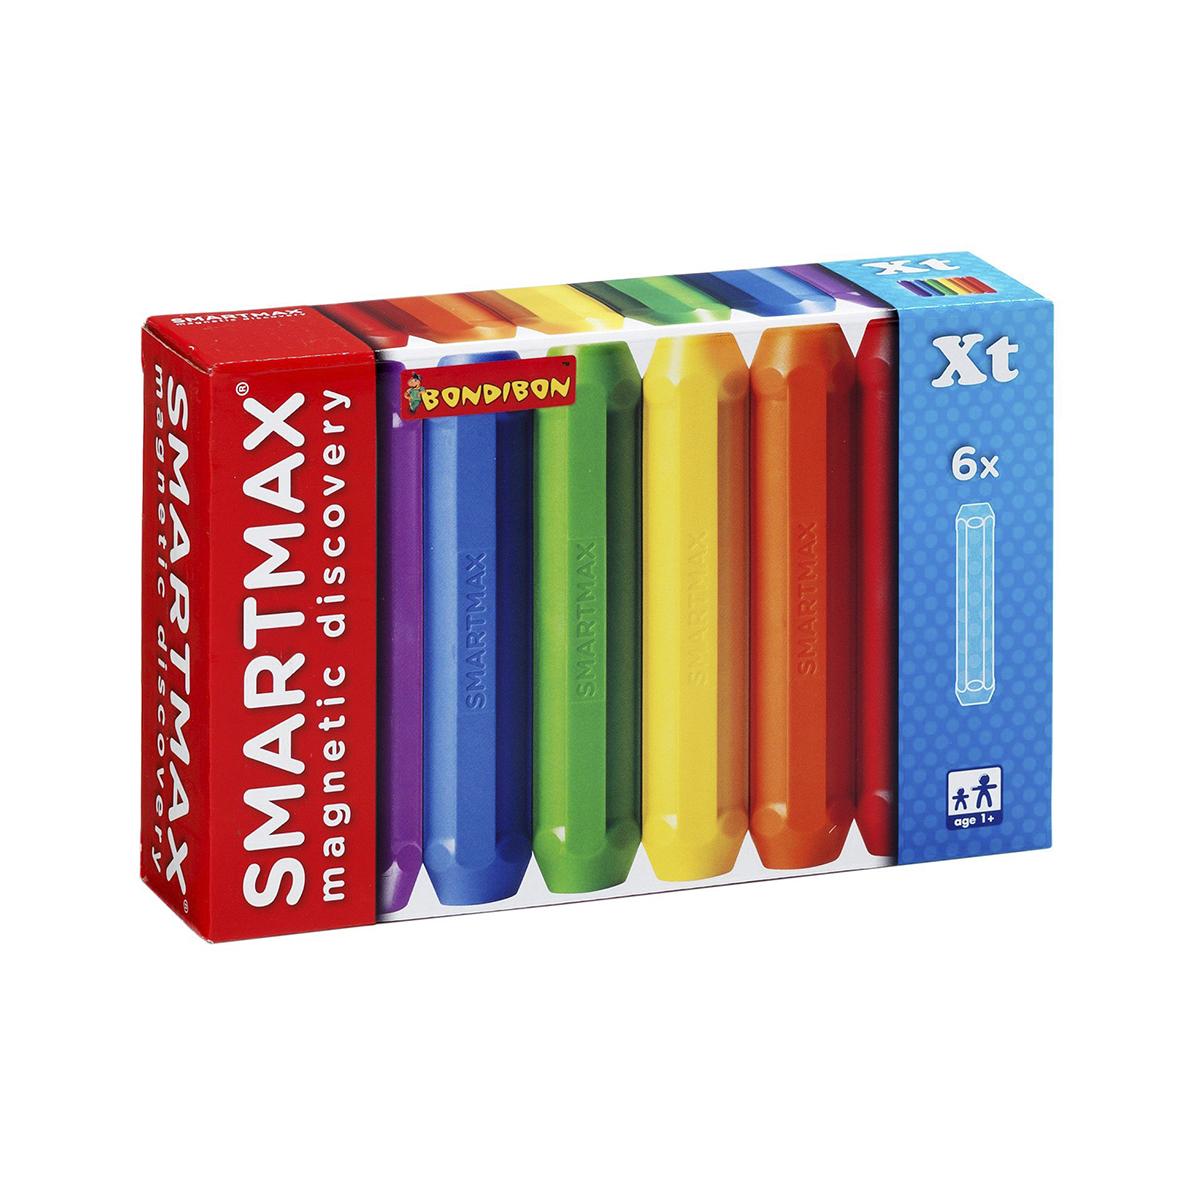 Bondibon Smartmax Конструктор магнитный Дополнительный набор ВВ0875ВВ0875Магнитный конструктор Bondibon SmartMax - это развивающая игра, которая будет интересна деткам от одного года и старше. Набор включает 6 длинных палочек, с помощью которых можно собрать фигуры необычной конструкции, а соединив несколько подобных моделей, пределам конструирования не будет предела. Все составляющие выполнены из высококачественного пластика, внутри которого надежно запаяны магниты, исключающие выпадение из своей оболочки. Все элементы имеют яркую расцветку, и их удобно держать в руке, что очень актуально для детишек еще со слаборазвитой моторикой. Элементы легко соединяются между собой по разноименным полюсам, а по одноименным - отталкиваются, демонстрируя детям принципы разнополярности. Такой конструктор обязательно увлечет ребенка игрой и с ним ваш малыш будет занят полезным и интересным делом. Конструктор является дополнительной моделью, которая совместима с другими наборами серии Bondibon SmartMax. Игра с конструктором развивает мелкую моторику,...